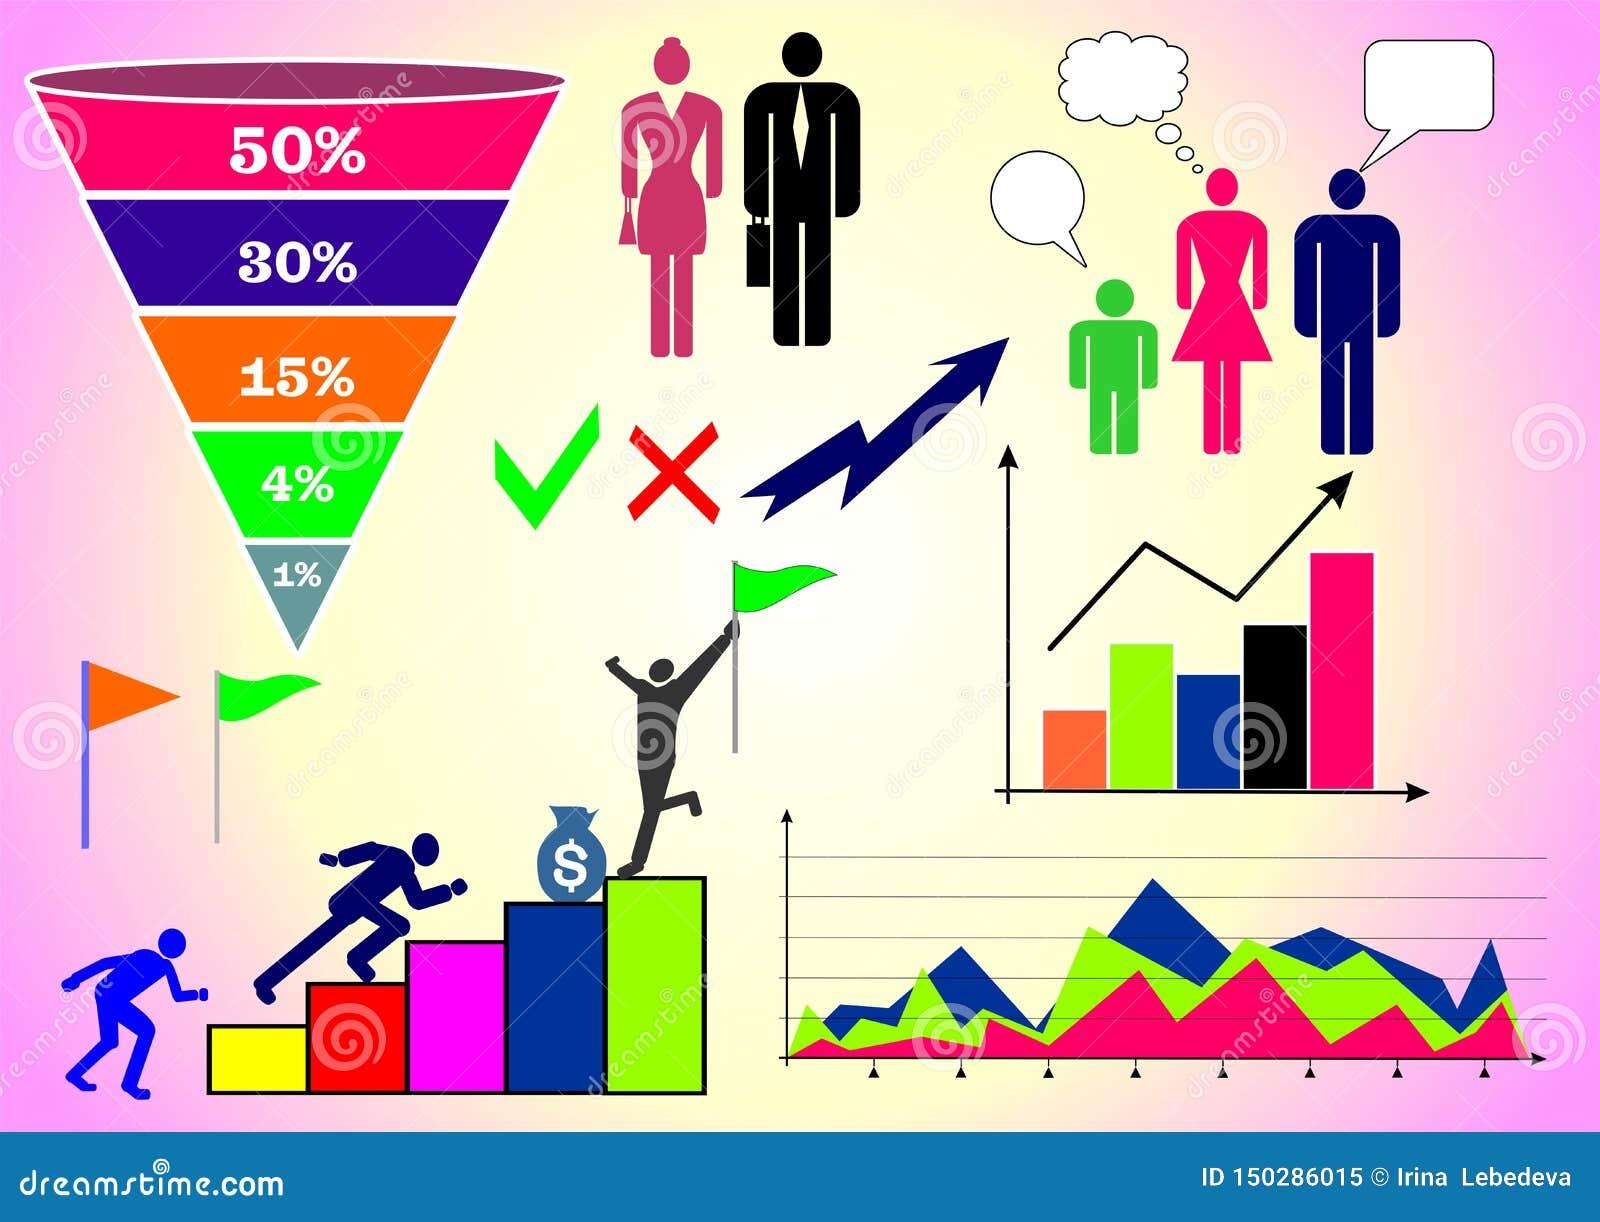 Wektorowa ilustracja z infographics: ludzie, biznes, finanse, wykresy, mapy i różnorodne postacie,